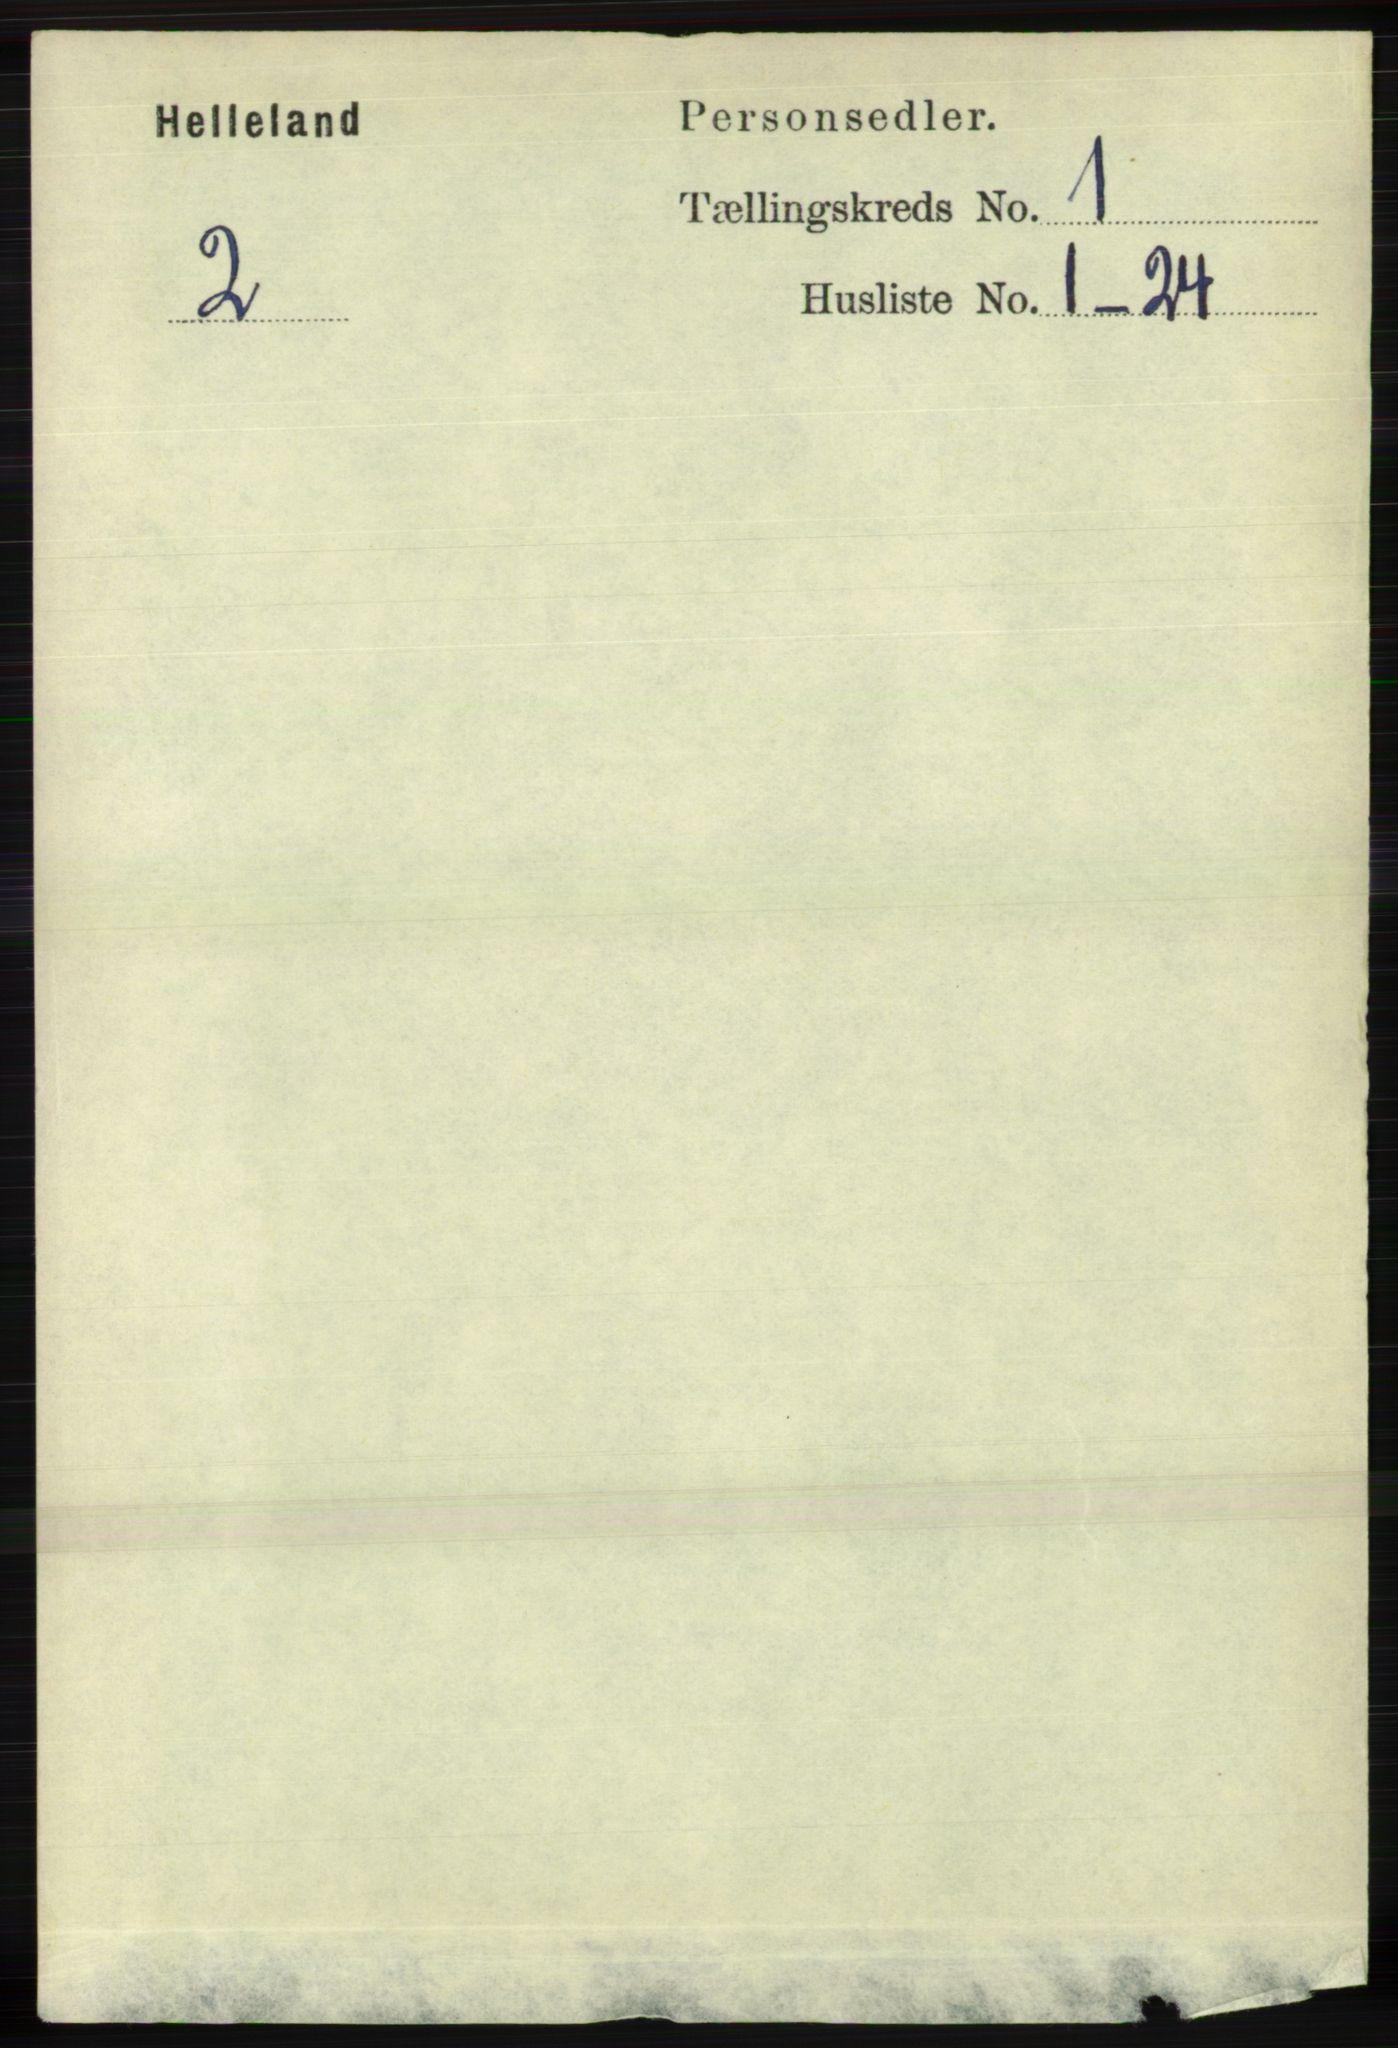 RA, Folketelling 1891 for 1115 Helleland herred, 1891, s. 66